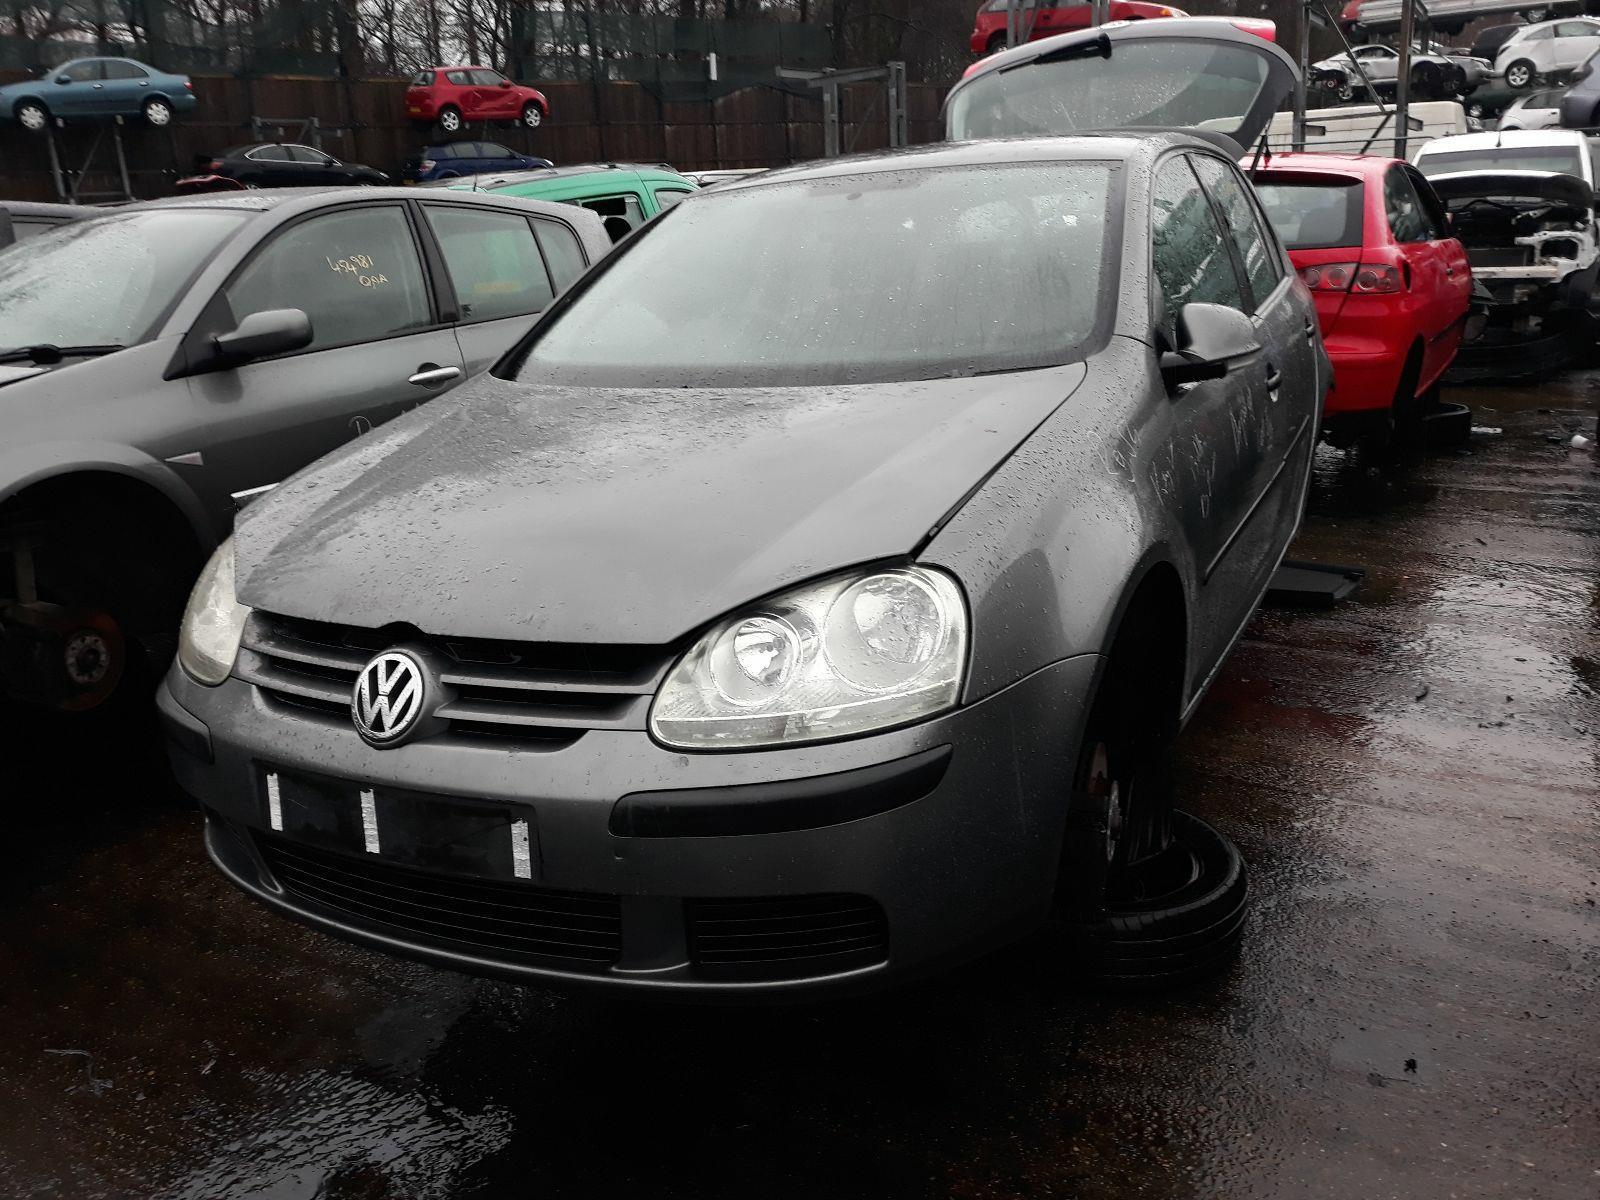 Volkswagen Golf mk5 2003 To 2009 S 5 Door Hatchback